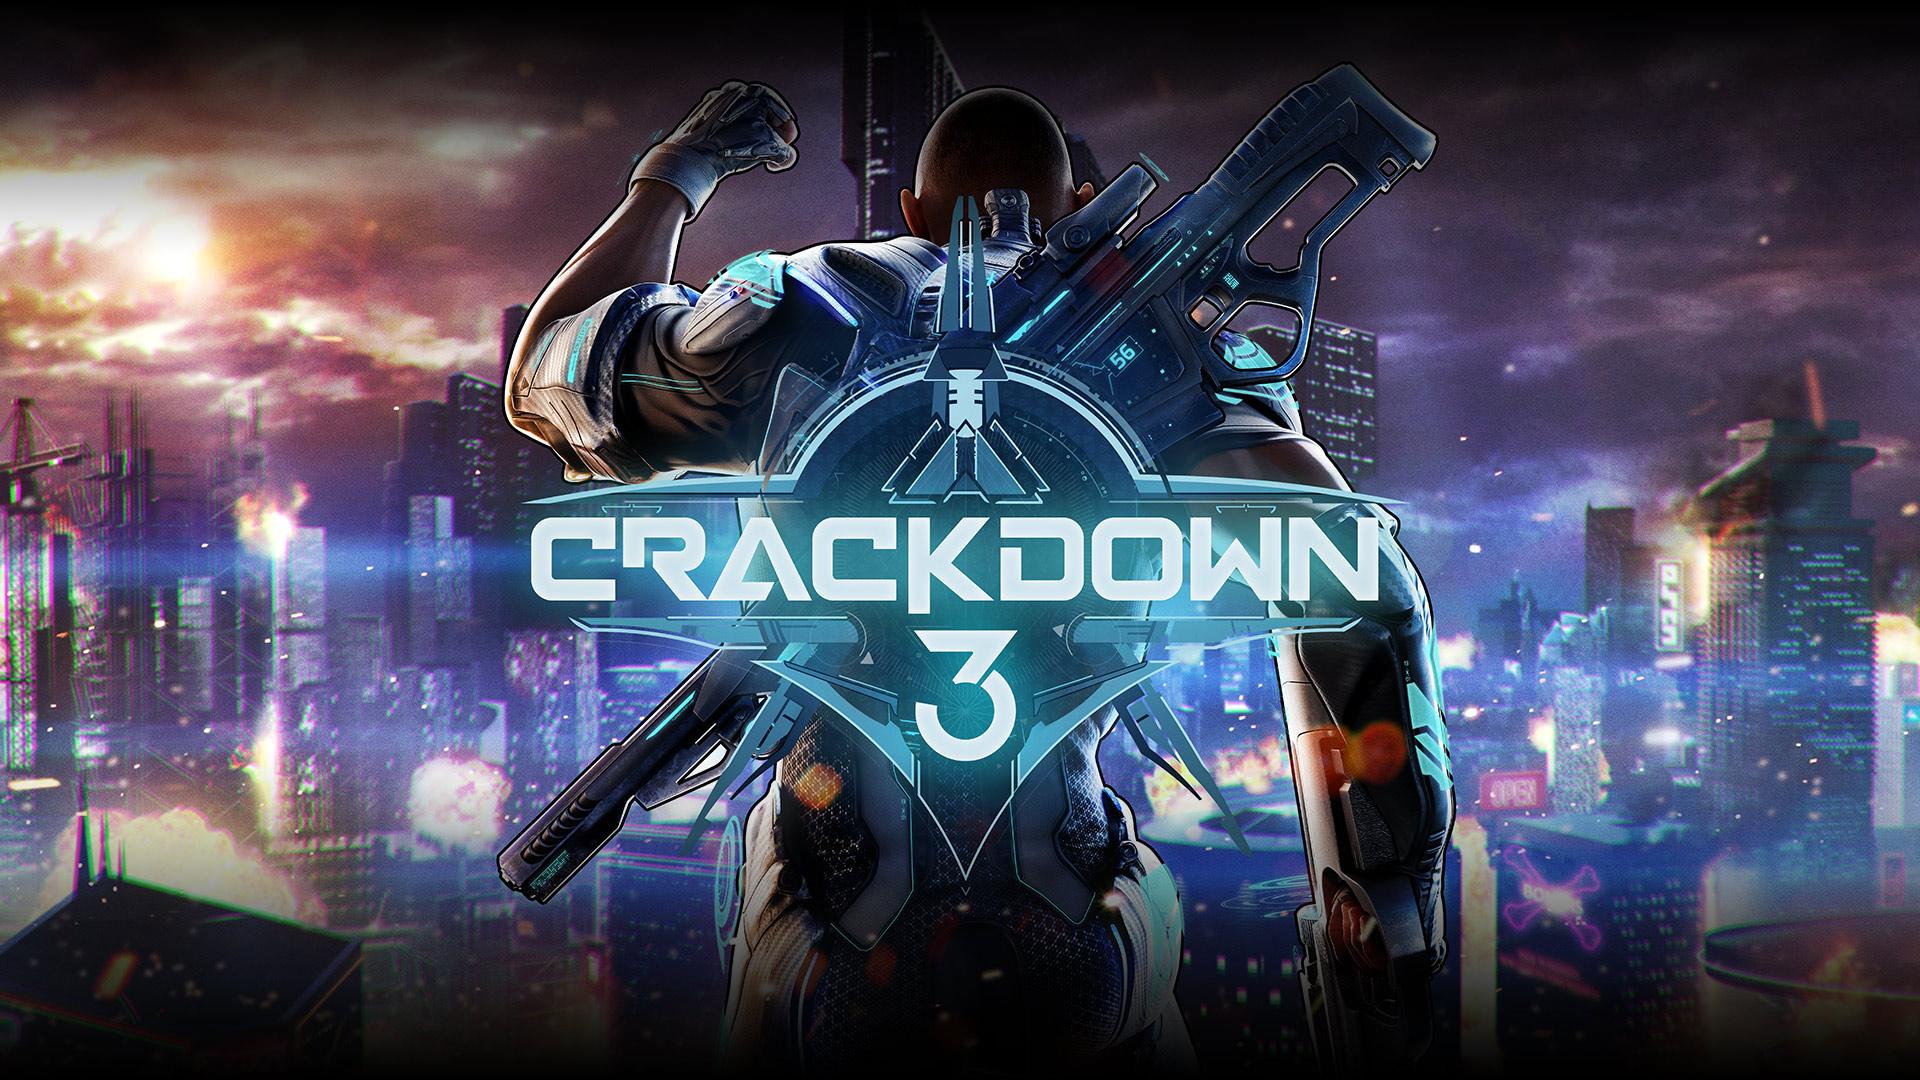 Crackdown 3 se lanzará el 15 de febrero